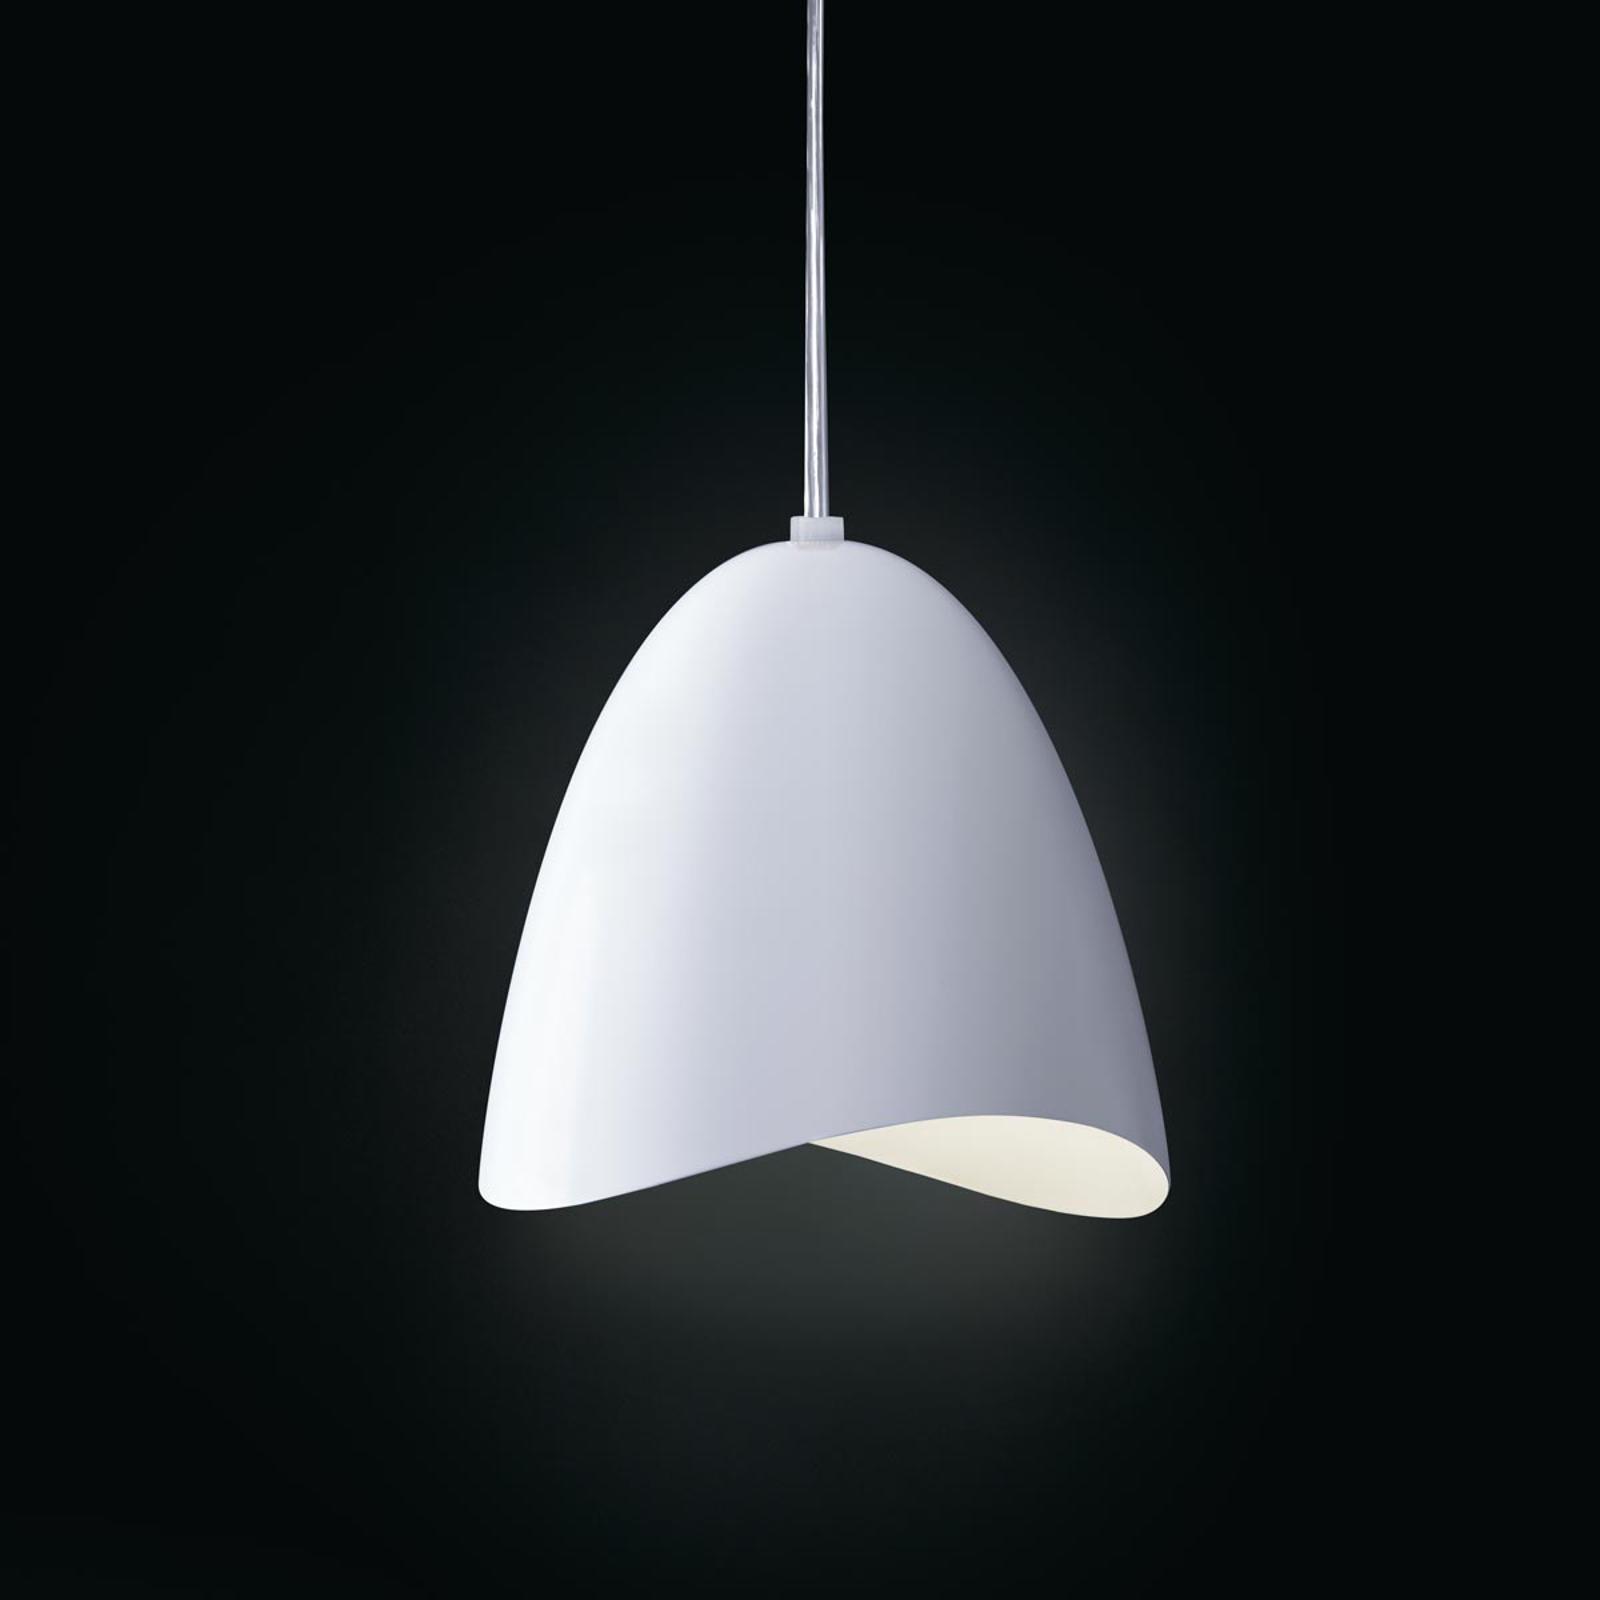 Suspension LED Mirage blanc brillant